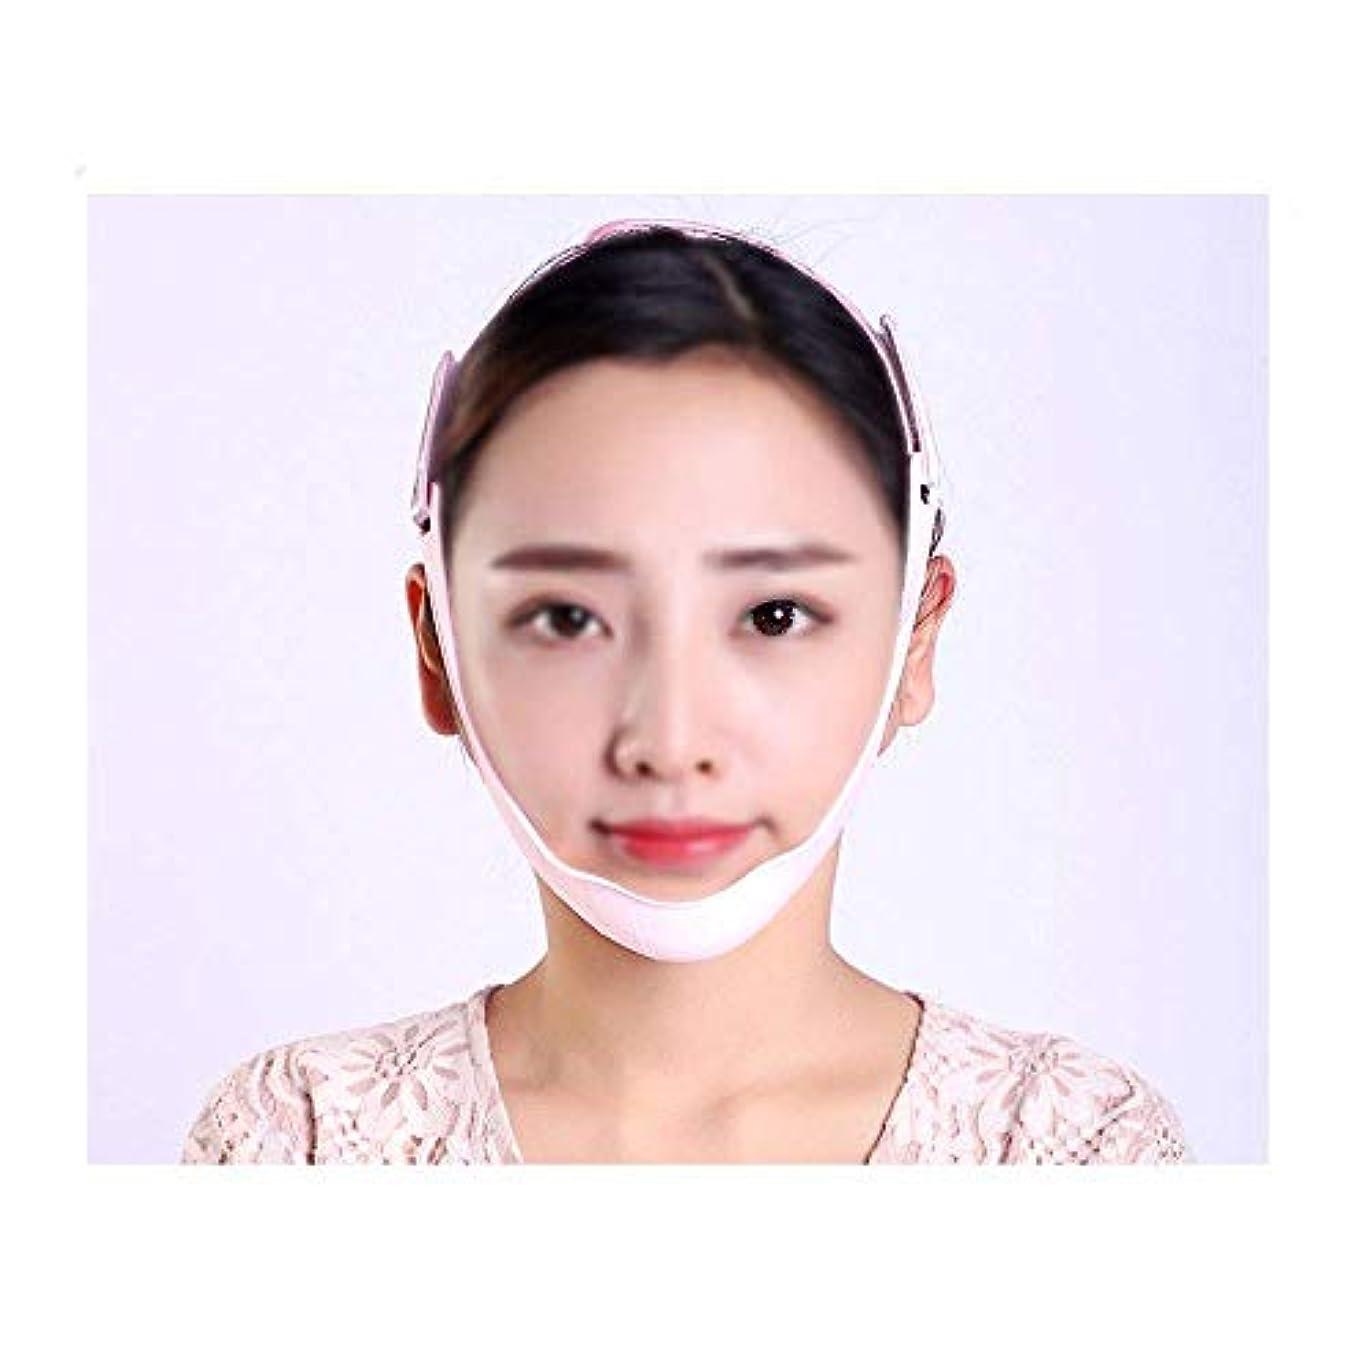 哲学的吸う追うフェイシャルリフティングマスク、リフティングフェイシャルファーミングアーティファクト/マッサージ器薄い顔の包帯/通気性ダブルチンスリミングマスク